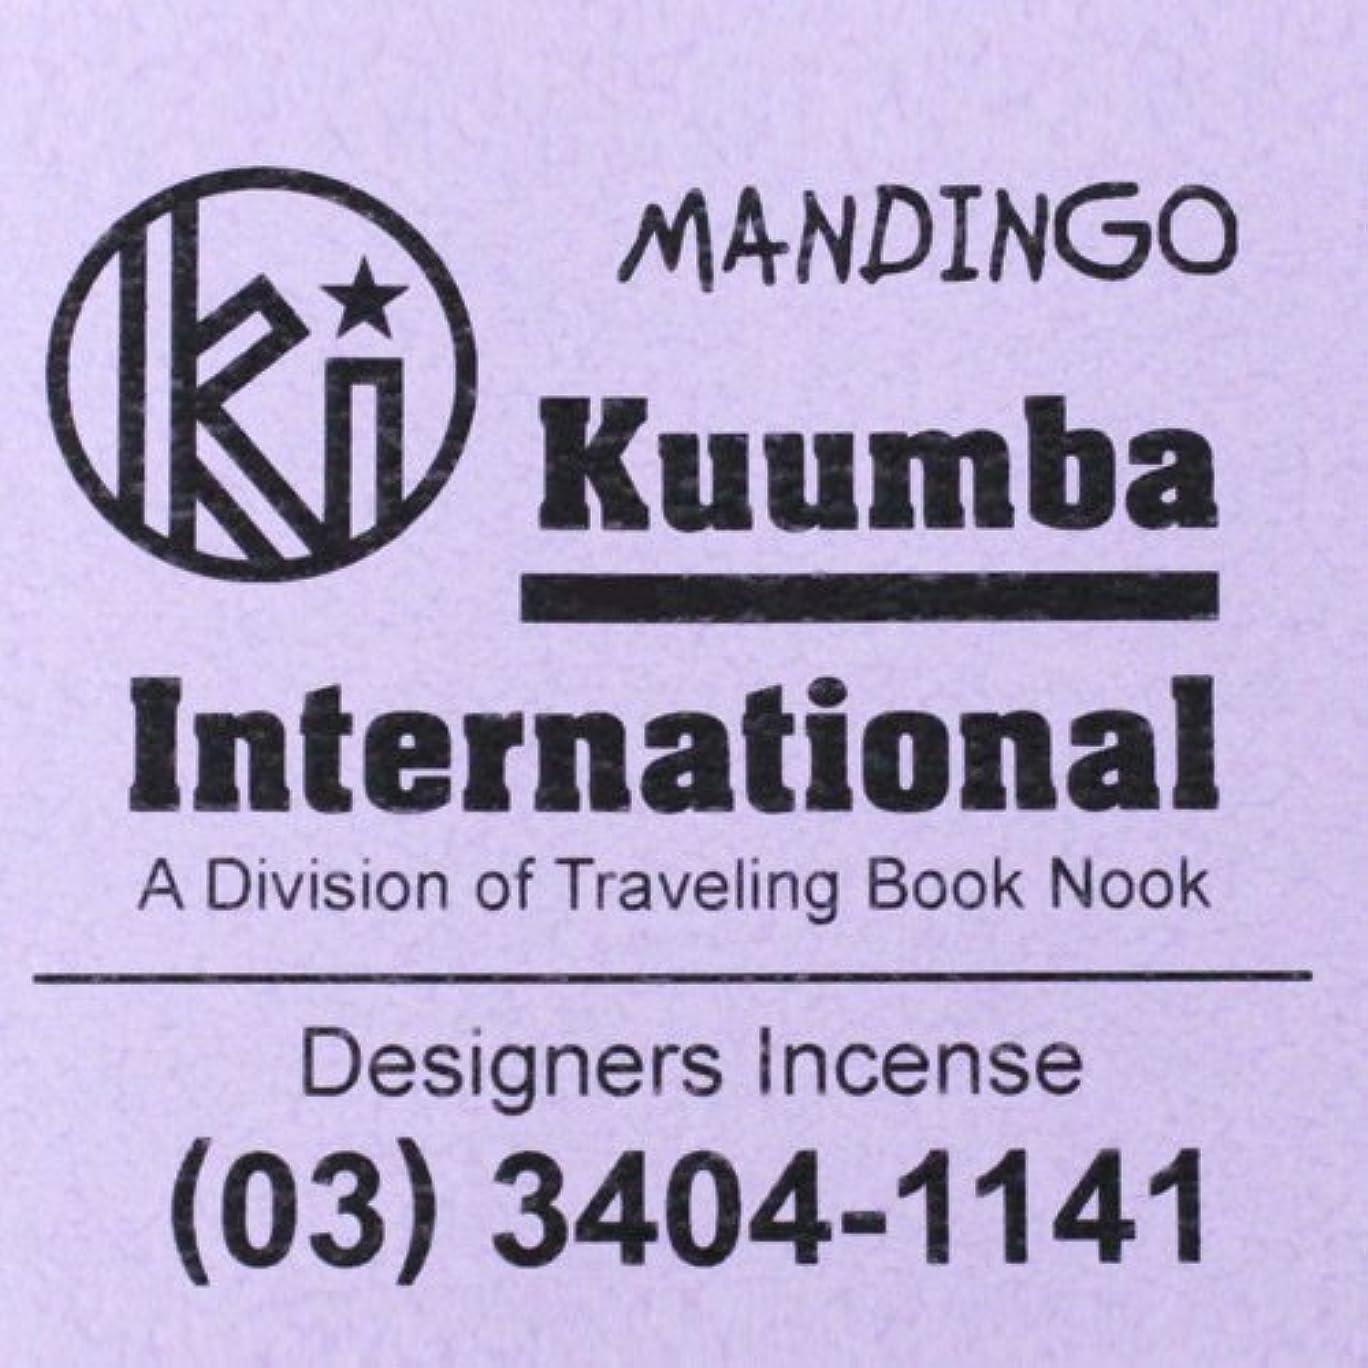 決して欠点ちょっと待って(クンバ) KUUMBA『incense』(MANDINGO) (Regular size)